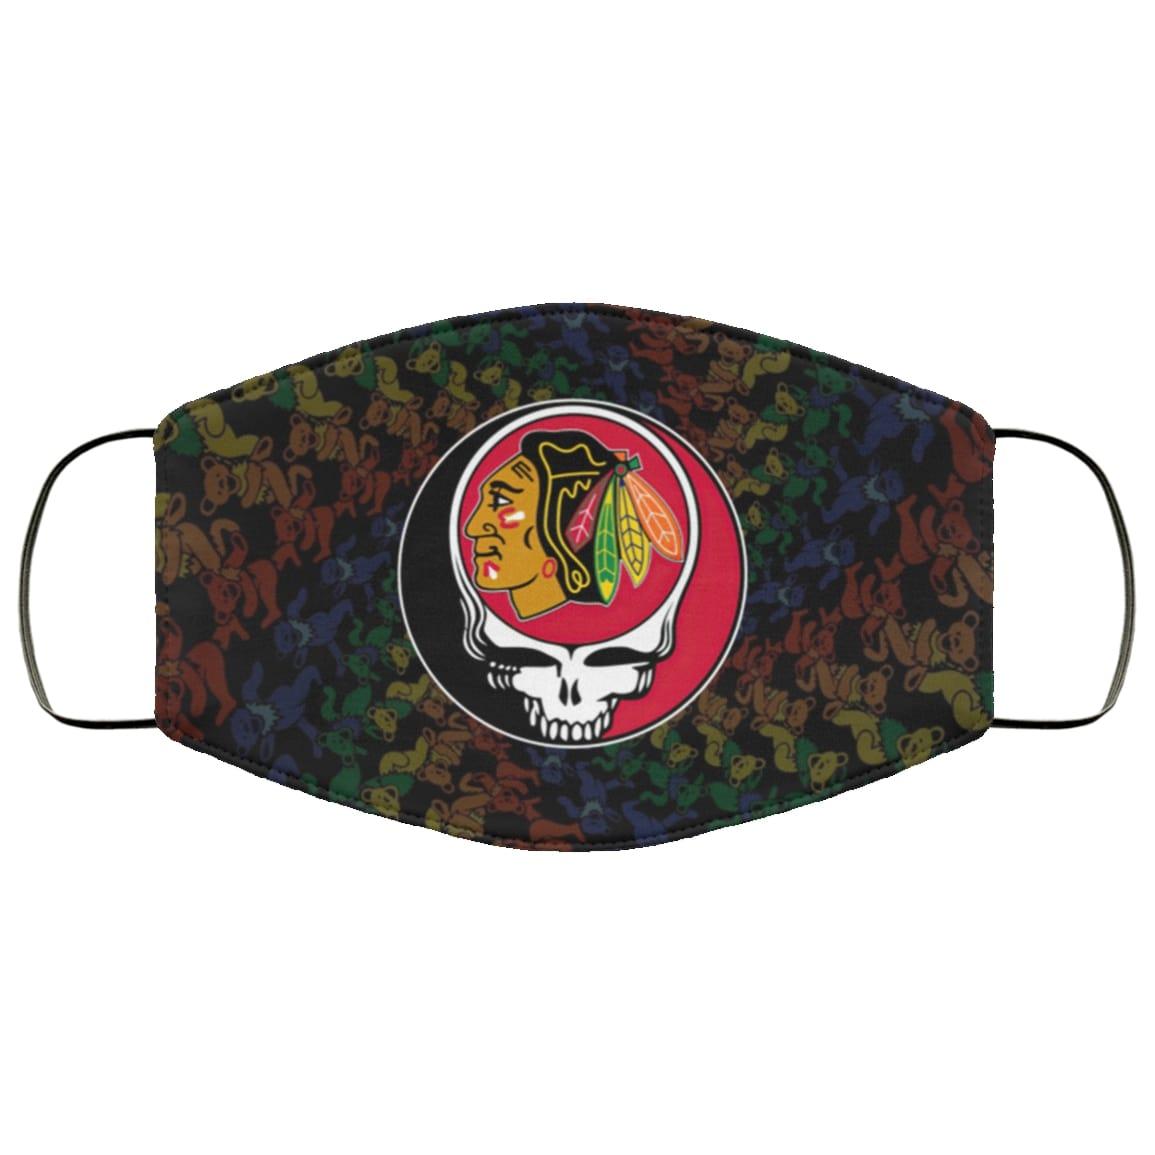 Grateful dead chicago blackhawks full over printed face mask 2